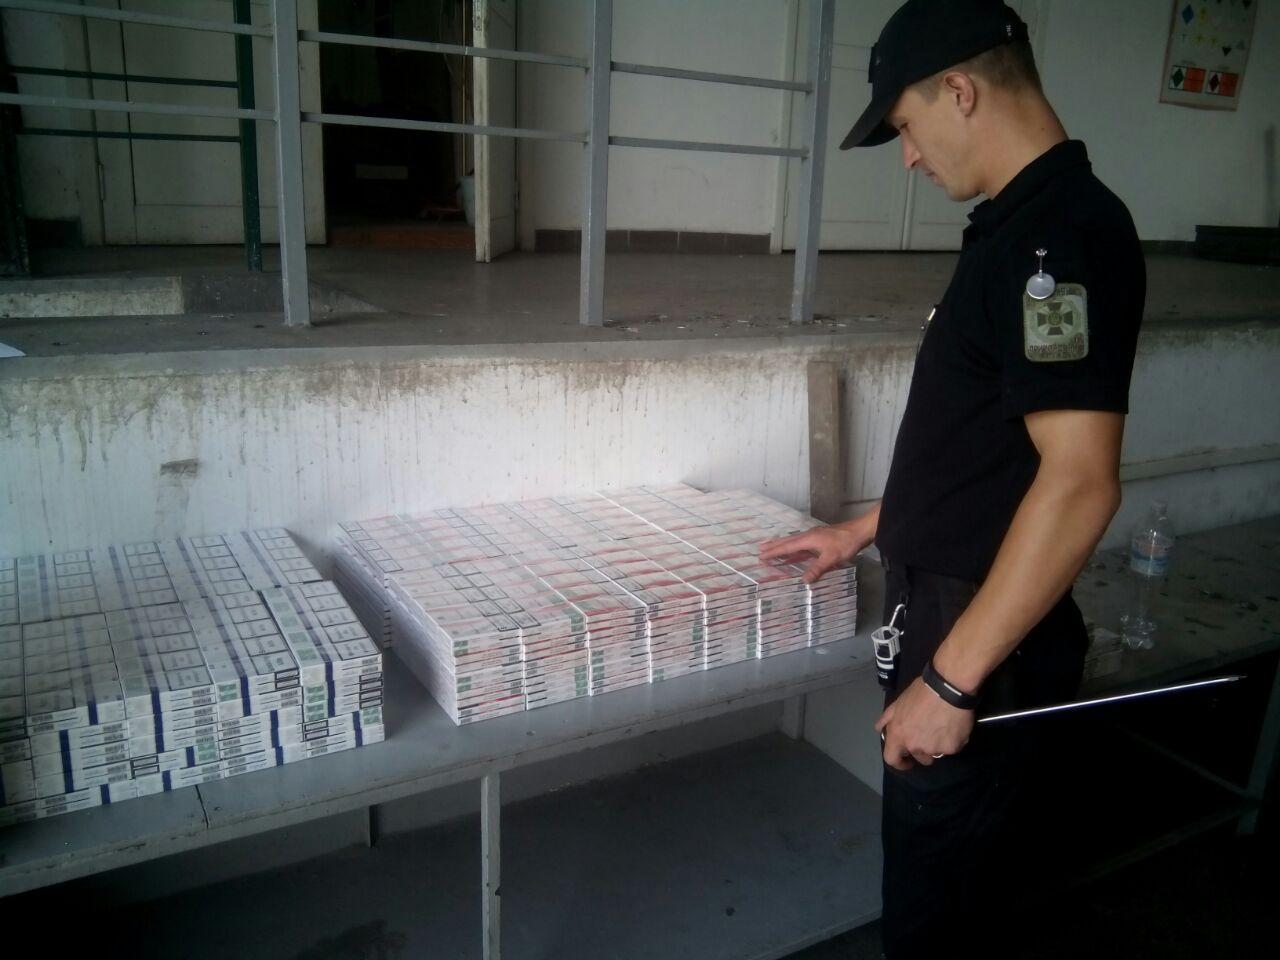 Закарпатські прикордонники та митники знайшли цигарки у рейсовому автобусі